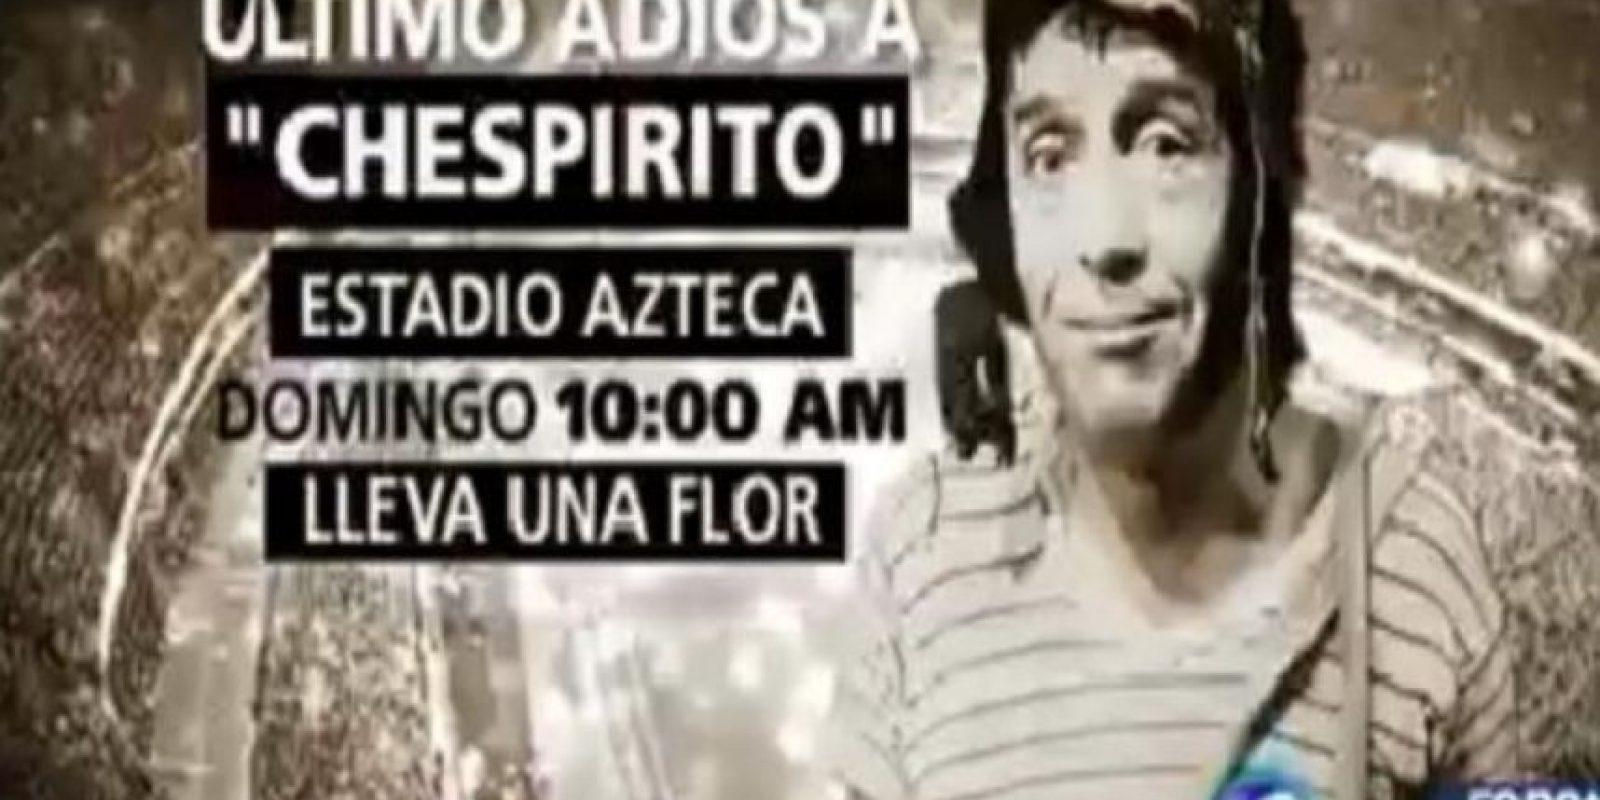 """Ya comenzaron los homenajes para """"Chespirito"""". Esta noche se le hará uno en la """"Plaza de las Estrellas"""" Foto:Twitter/ForoTV"""